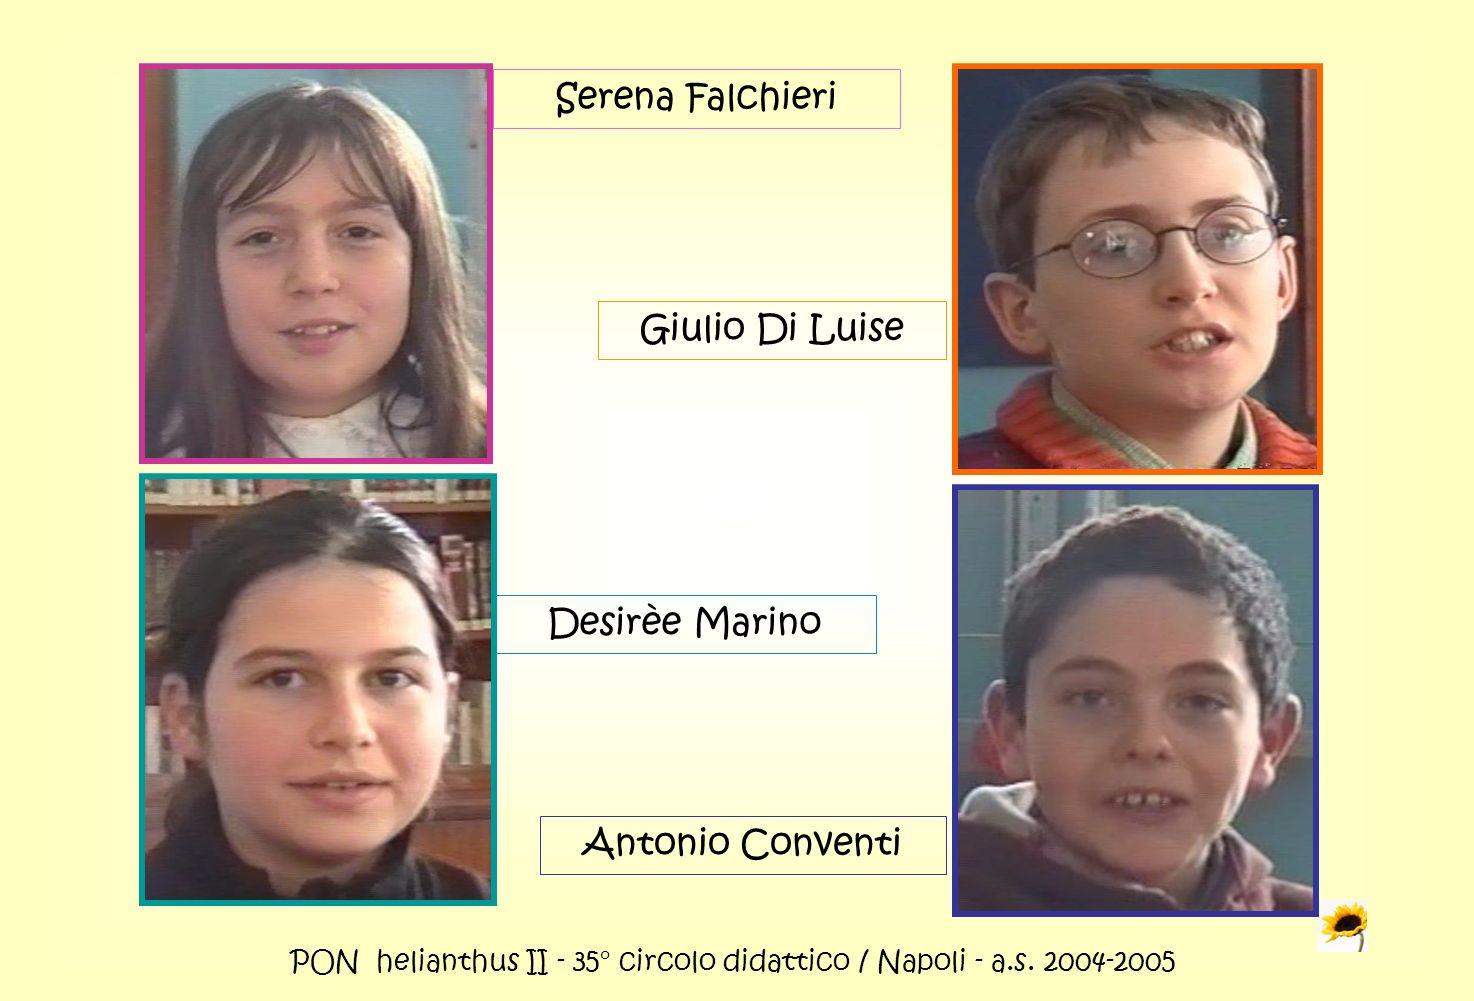 PON helianthus II - 35° circolo didattico / Napoli - a.s. 2004-2005 Serena Falchieri Giulio Di Luise Desirèe Marino Antonio Conventi